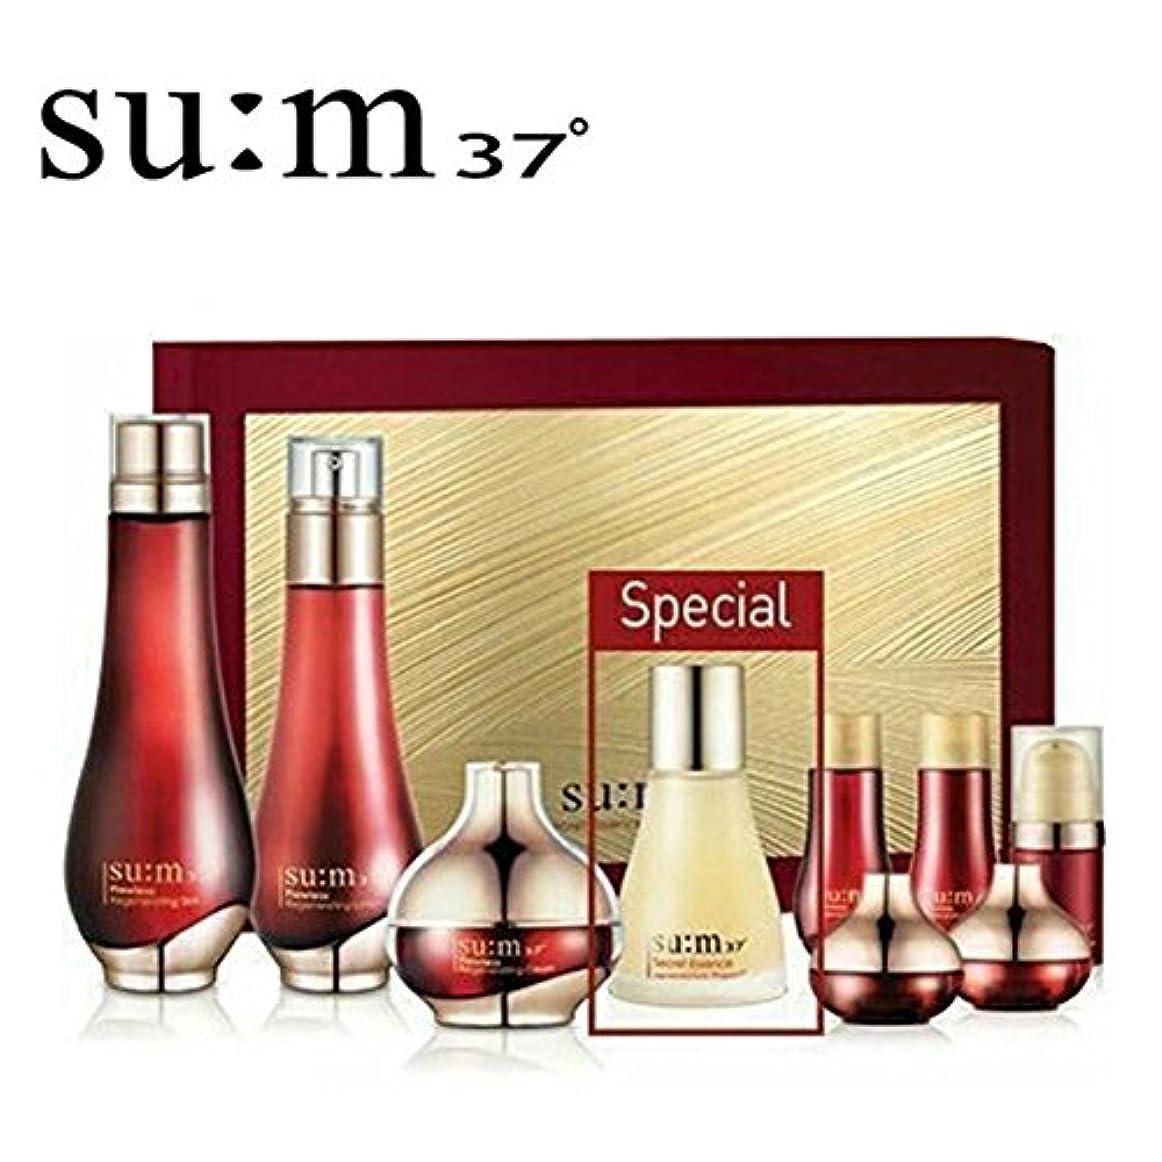 枯渇気楽なただやる[su:m37/スム37°] SUM37 Flowless Special Set/ sum37 スム37? フローレス 3種 企画セット +[Sample Gift](海外直送品)